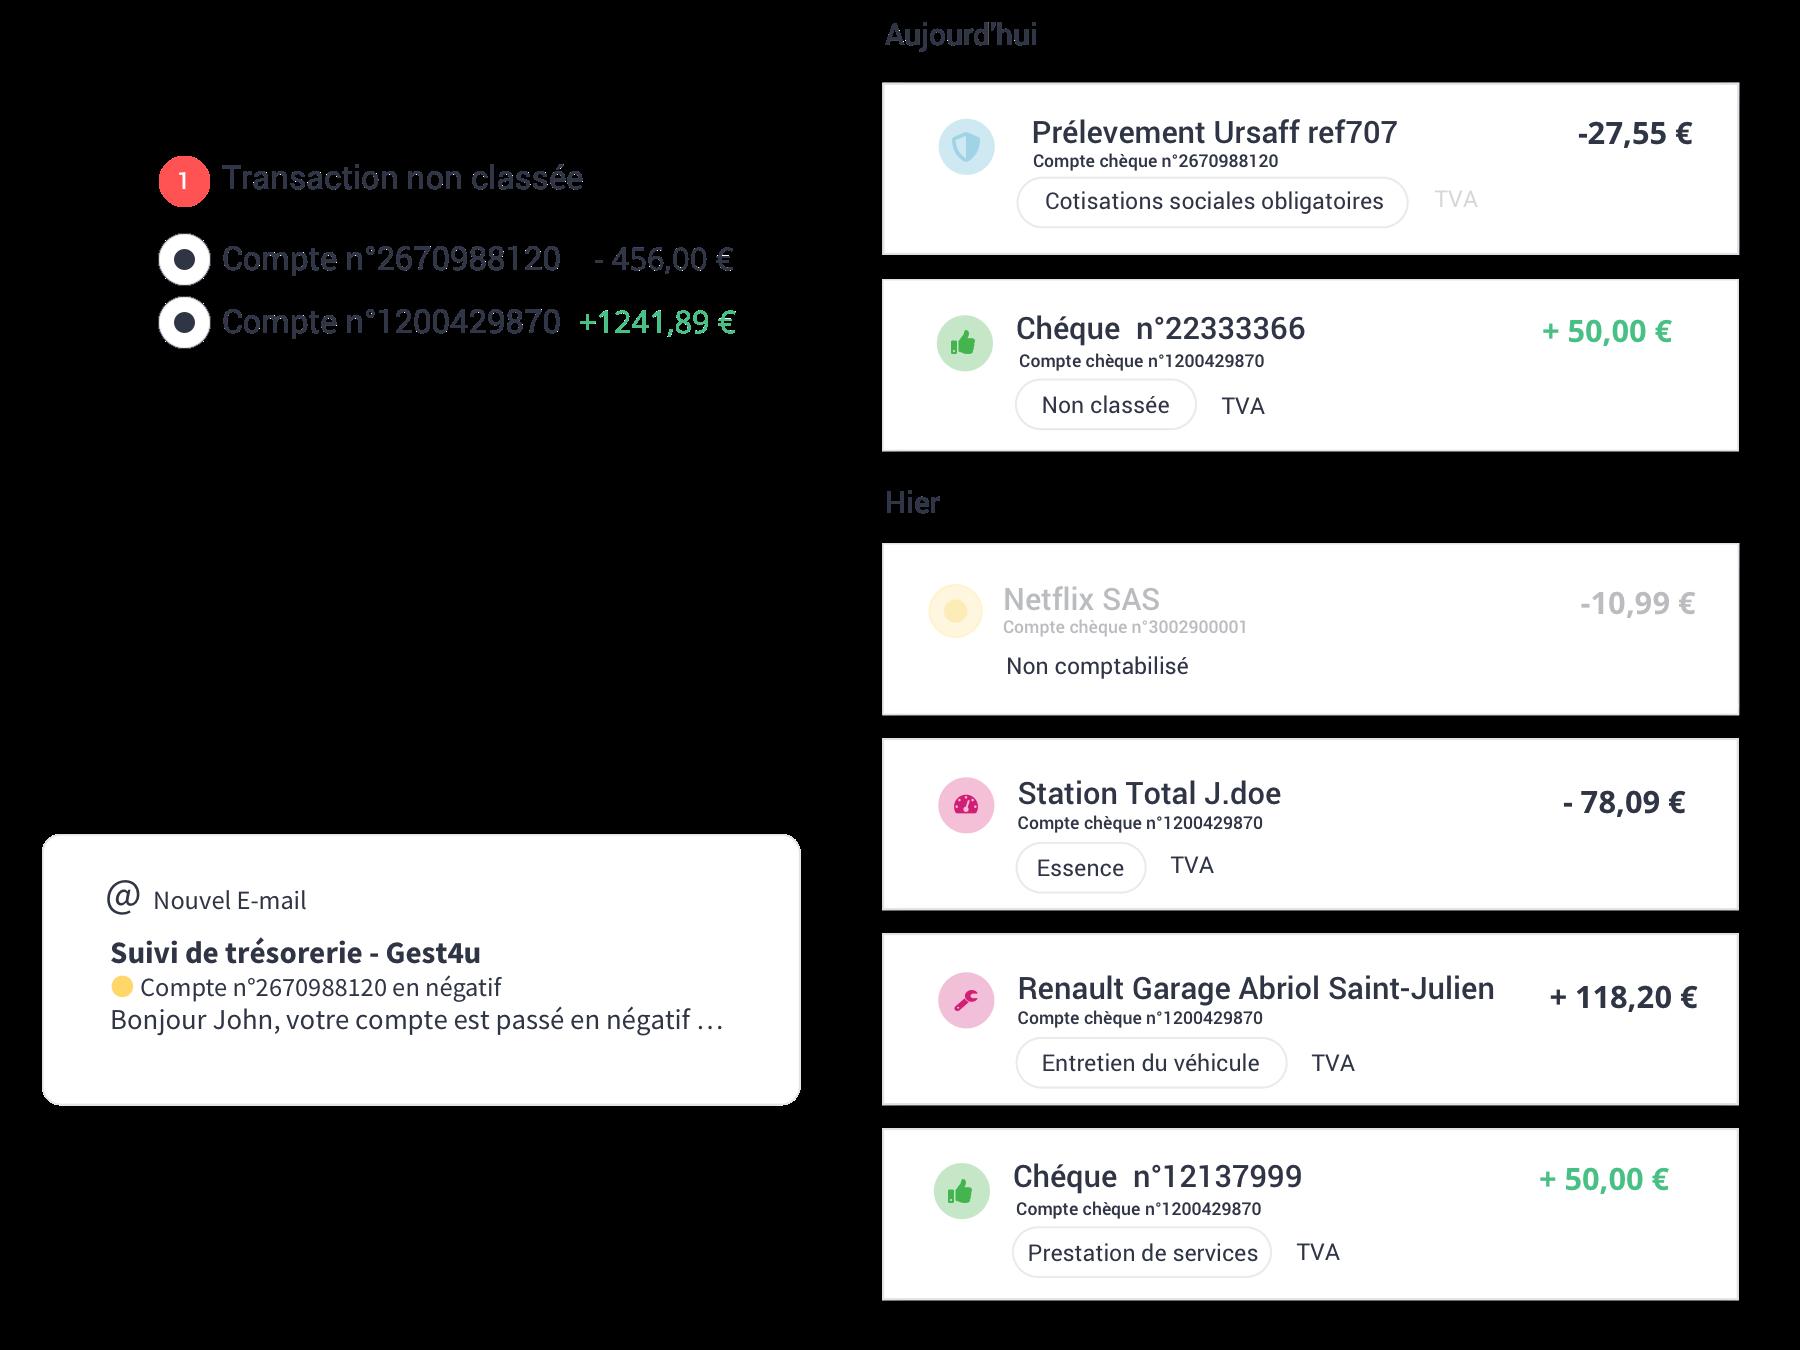 Fonctionnalité de Gest4u,logiciel en ligne de gestion comptable et commerciale pour indépandants et proféssions libérales - trésorerie et comptabilité